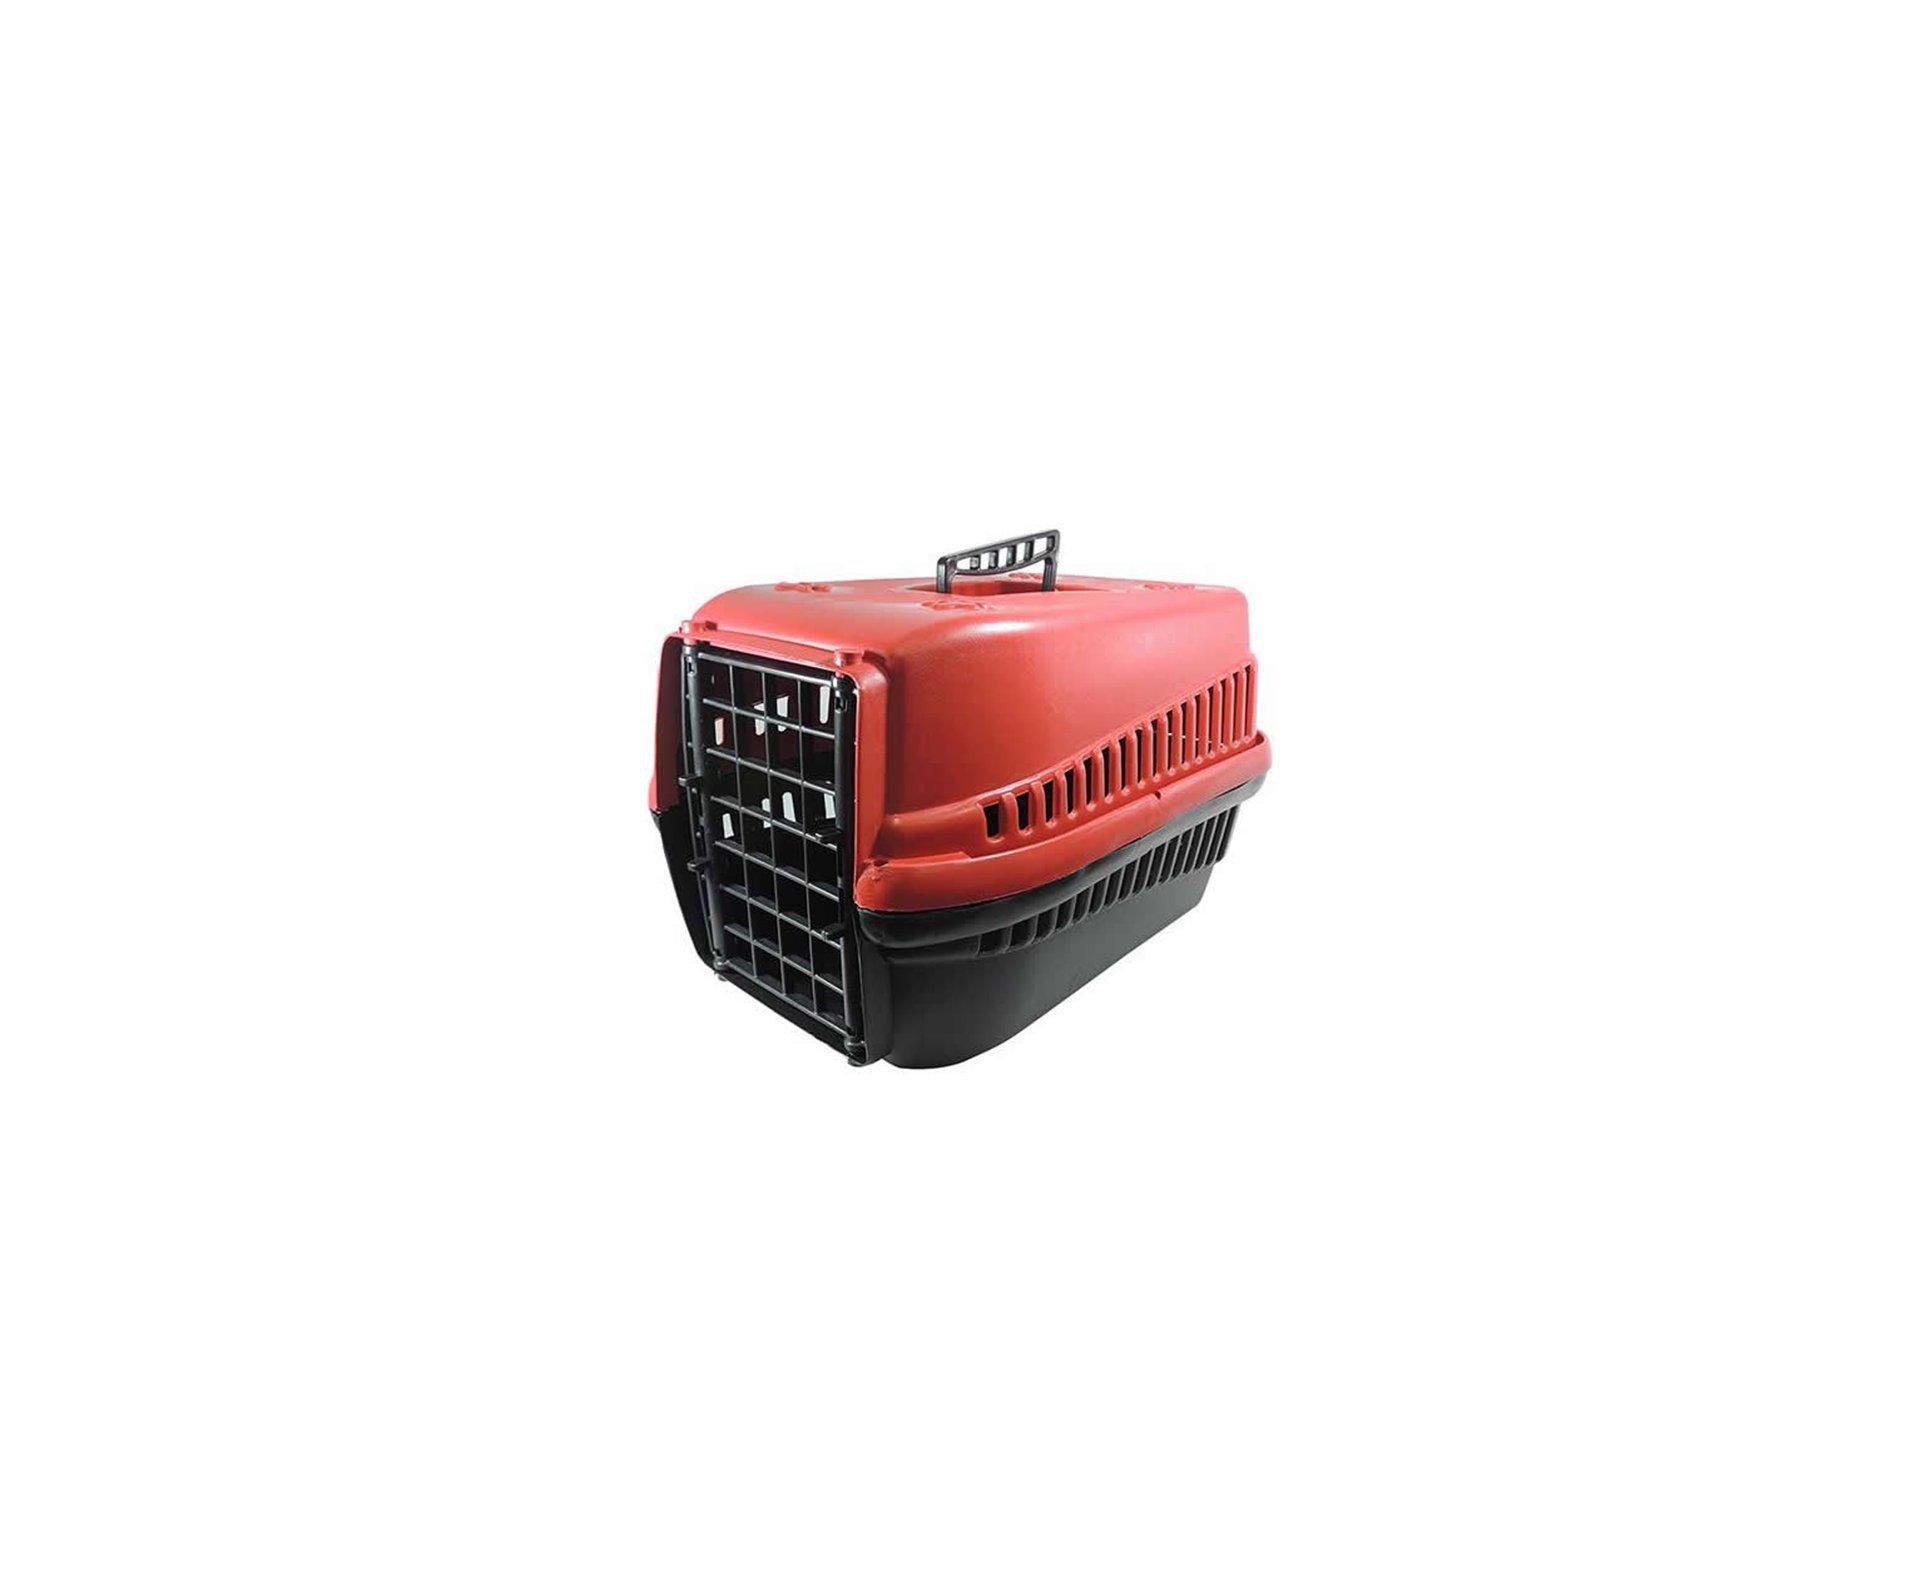 Caixa De Transporte Furacãopet N3 - Vermelha - Furacão